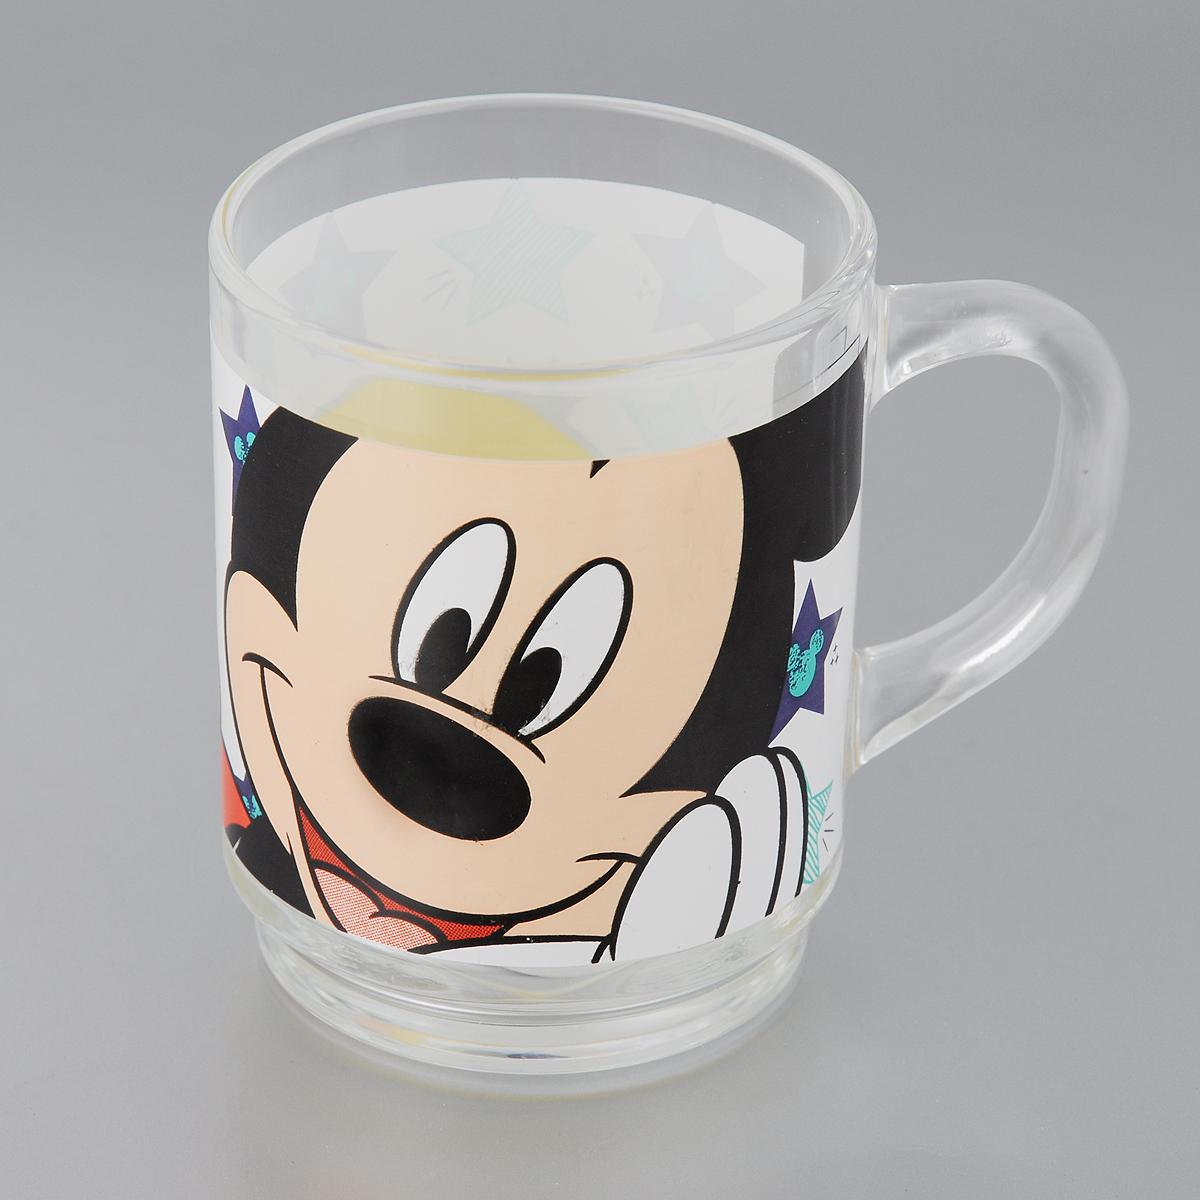 Кружка Luminarc Oh Minnie, 250 мл115510Кружка Luminarc Oh Minnie изготовлена из упрочненного стекла и оформлена ярким рисунком. Такая кружка прекрасно подойдет для горячих и холодных напитков. Она дополнит коллекцию вашей кухонной посуды и будет служить долгие годы. Диаметр кружки (по верхнему краю): 7 см.